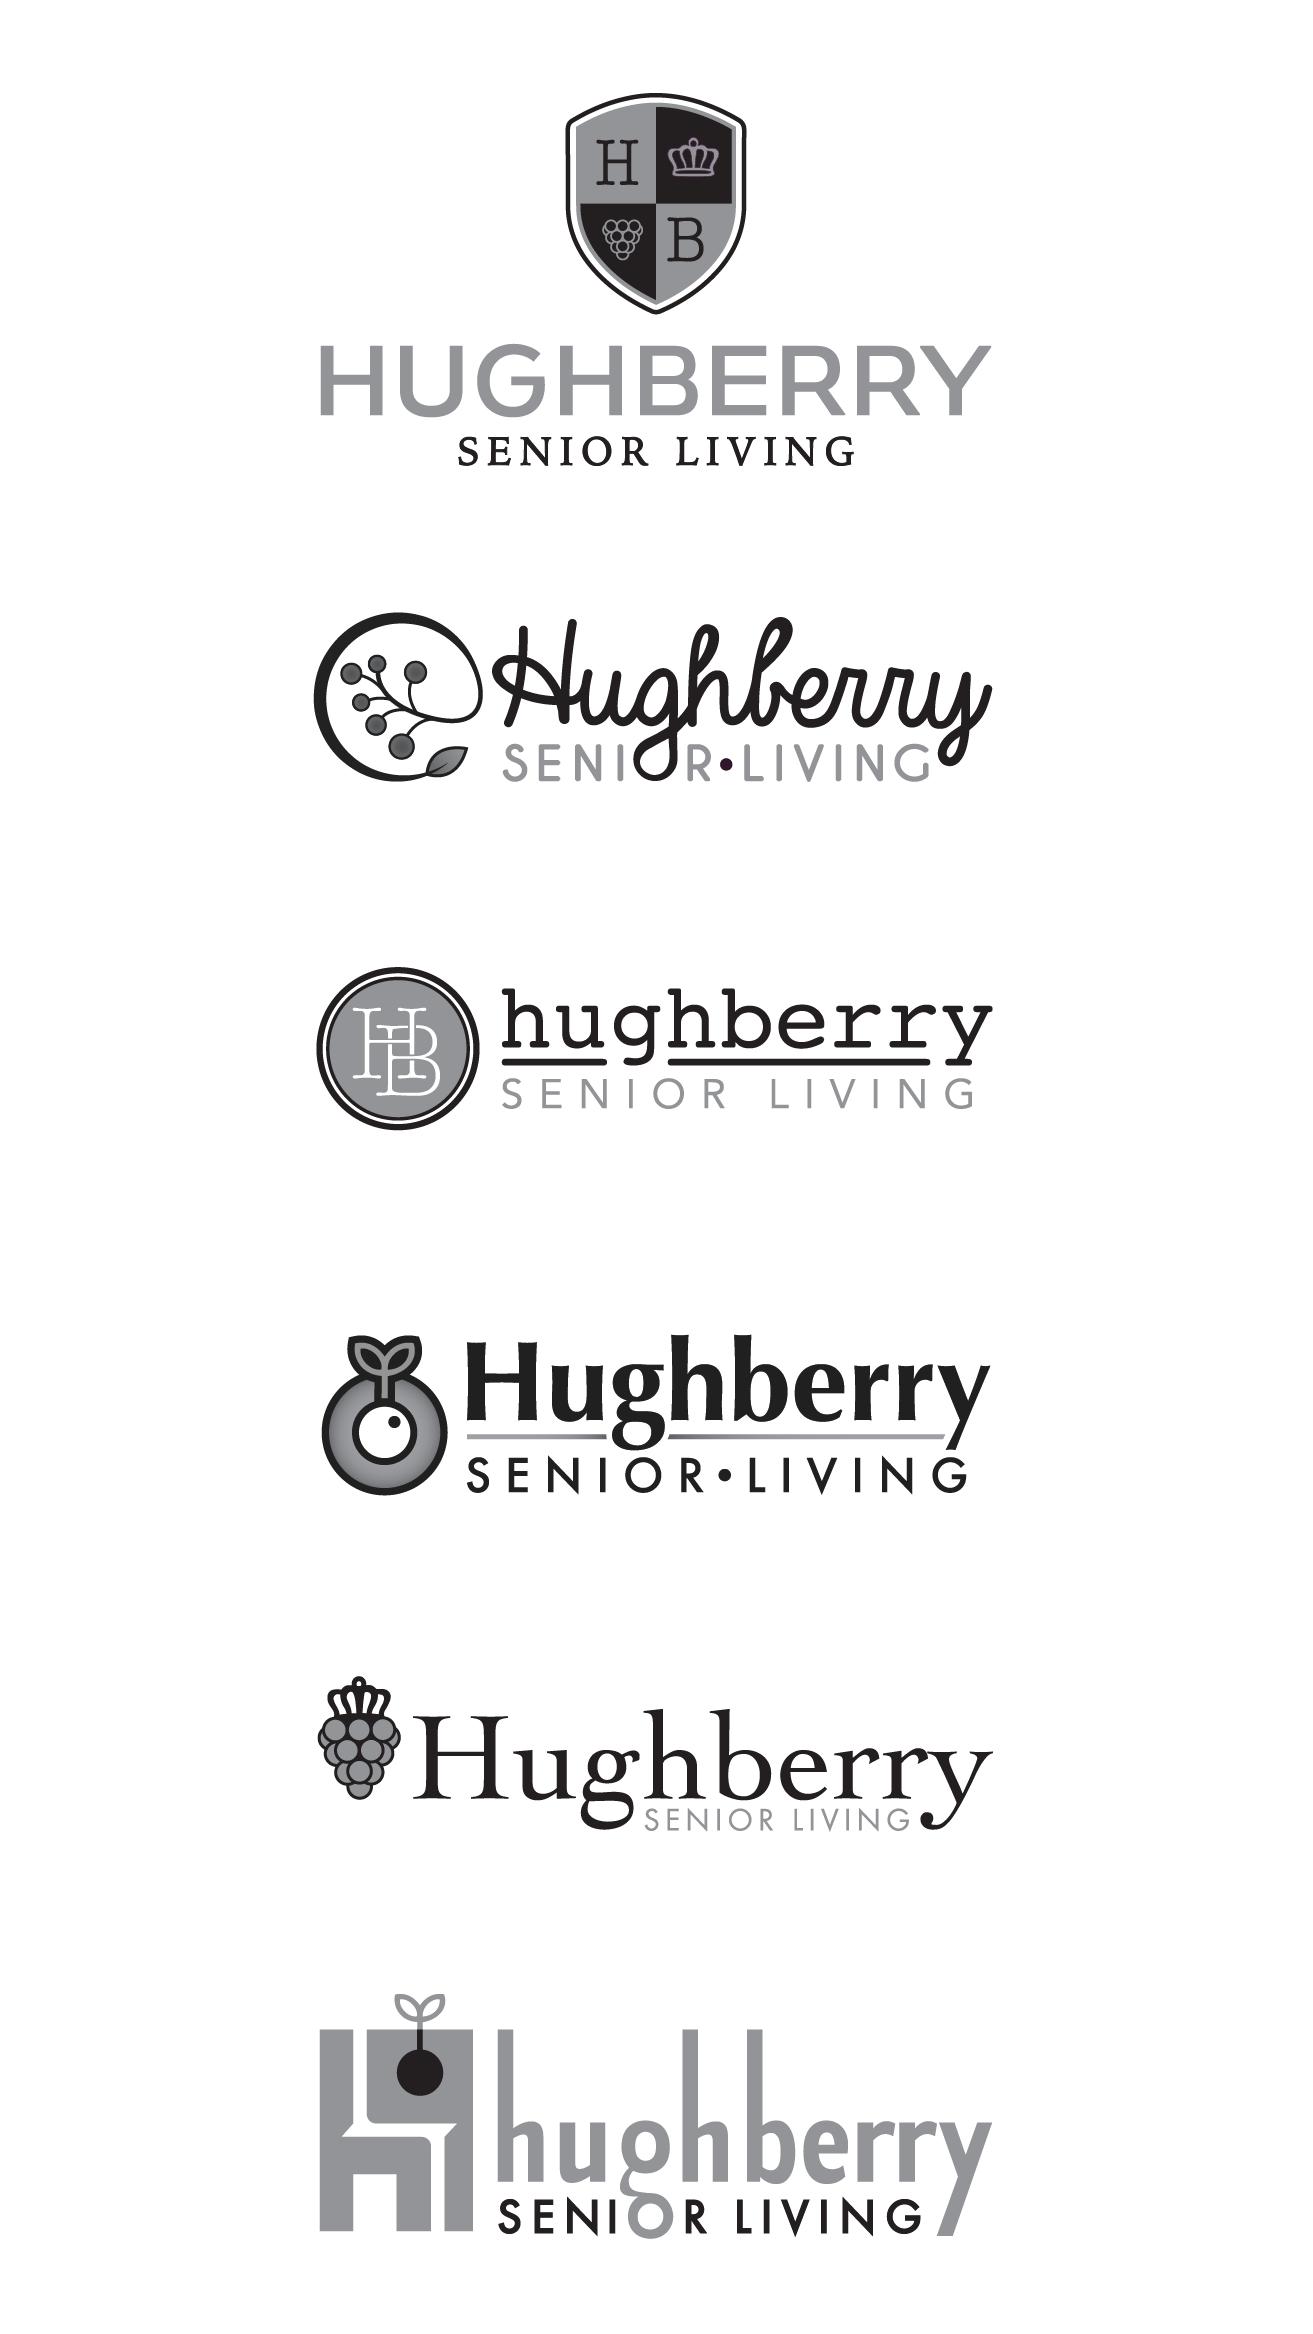 hughberrylogos.image